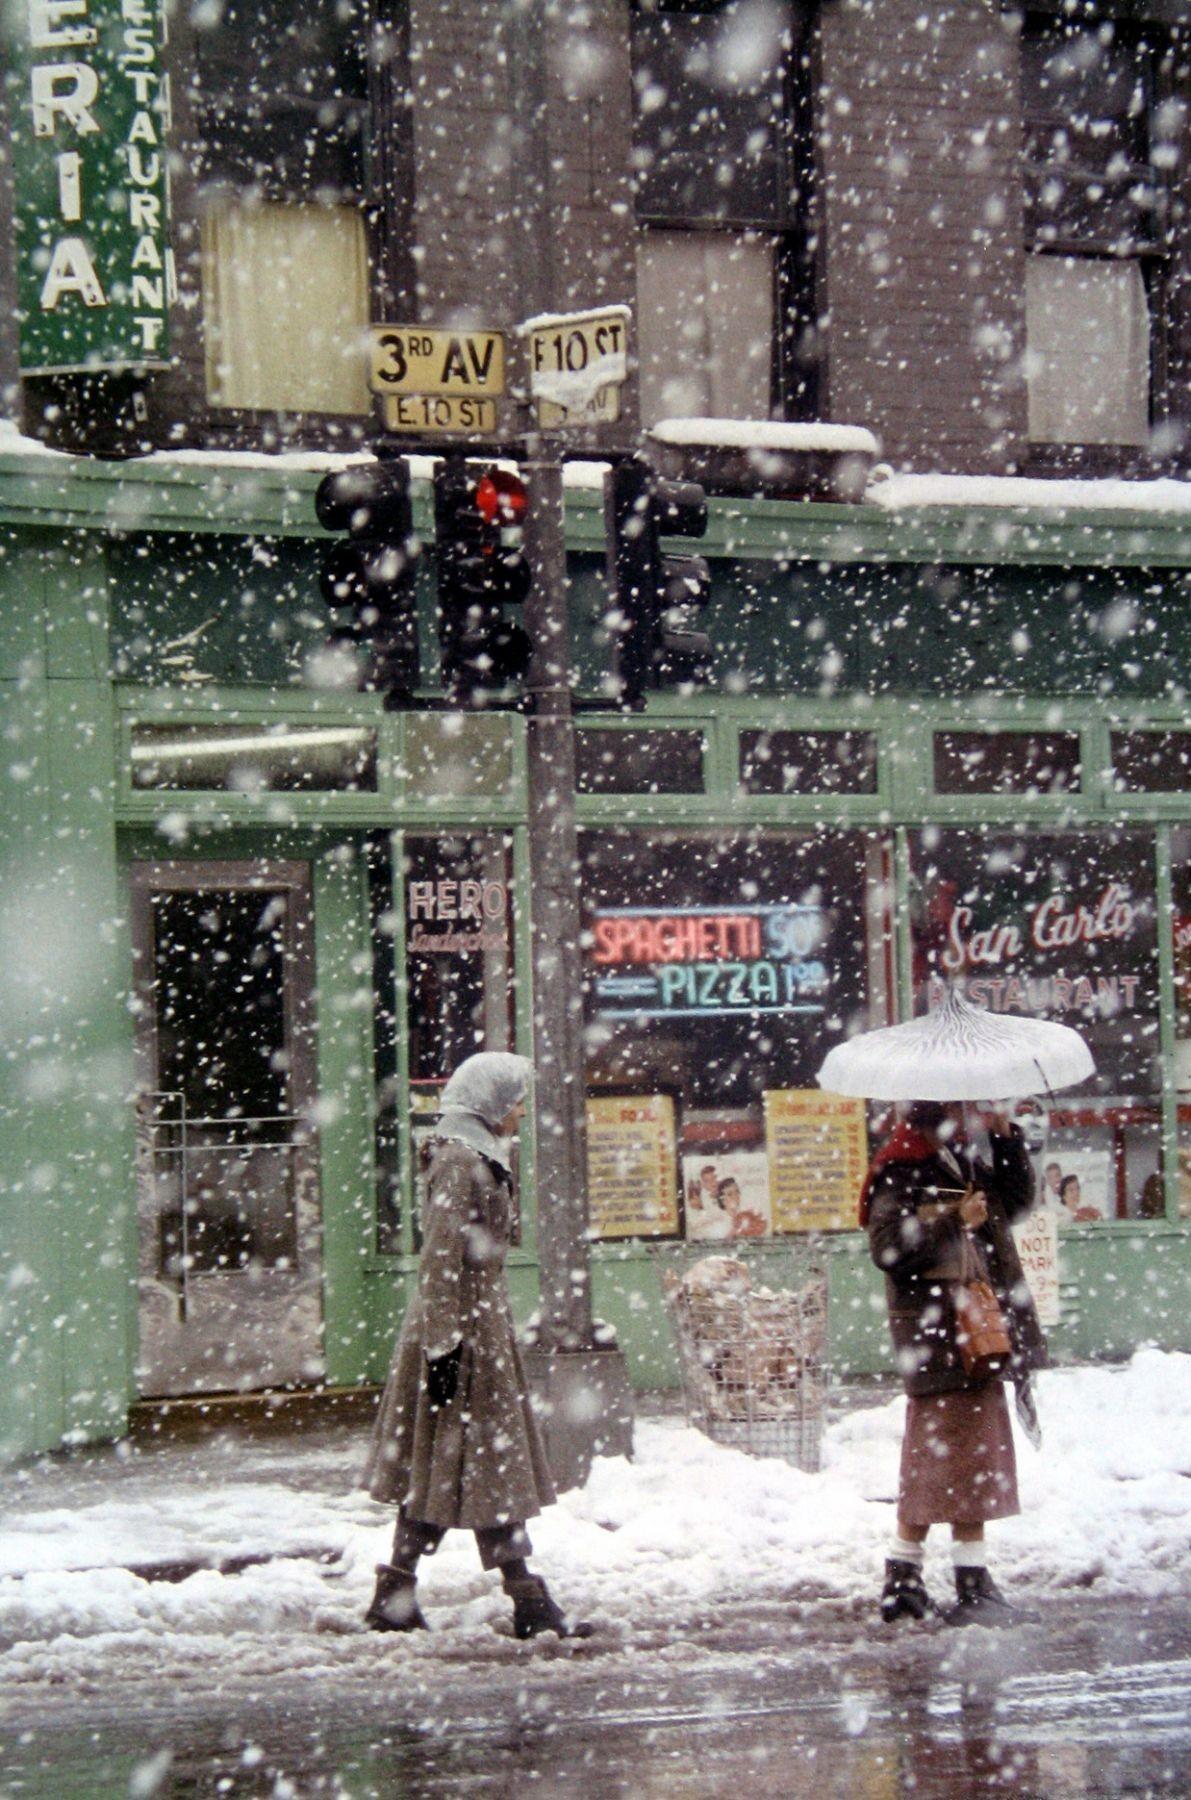 Ресторан Сан-Карло рядом с квартирой Лейтера, 1952. «Я был очень ленив и привязан к своему району». Фотограф Сол Лейтер